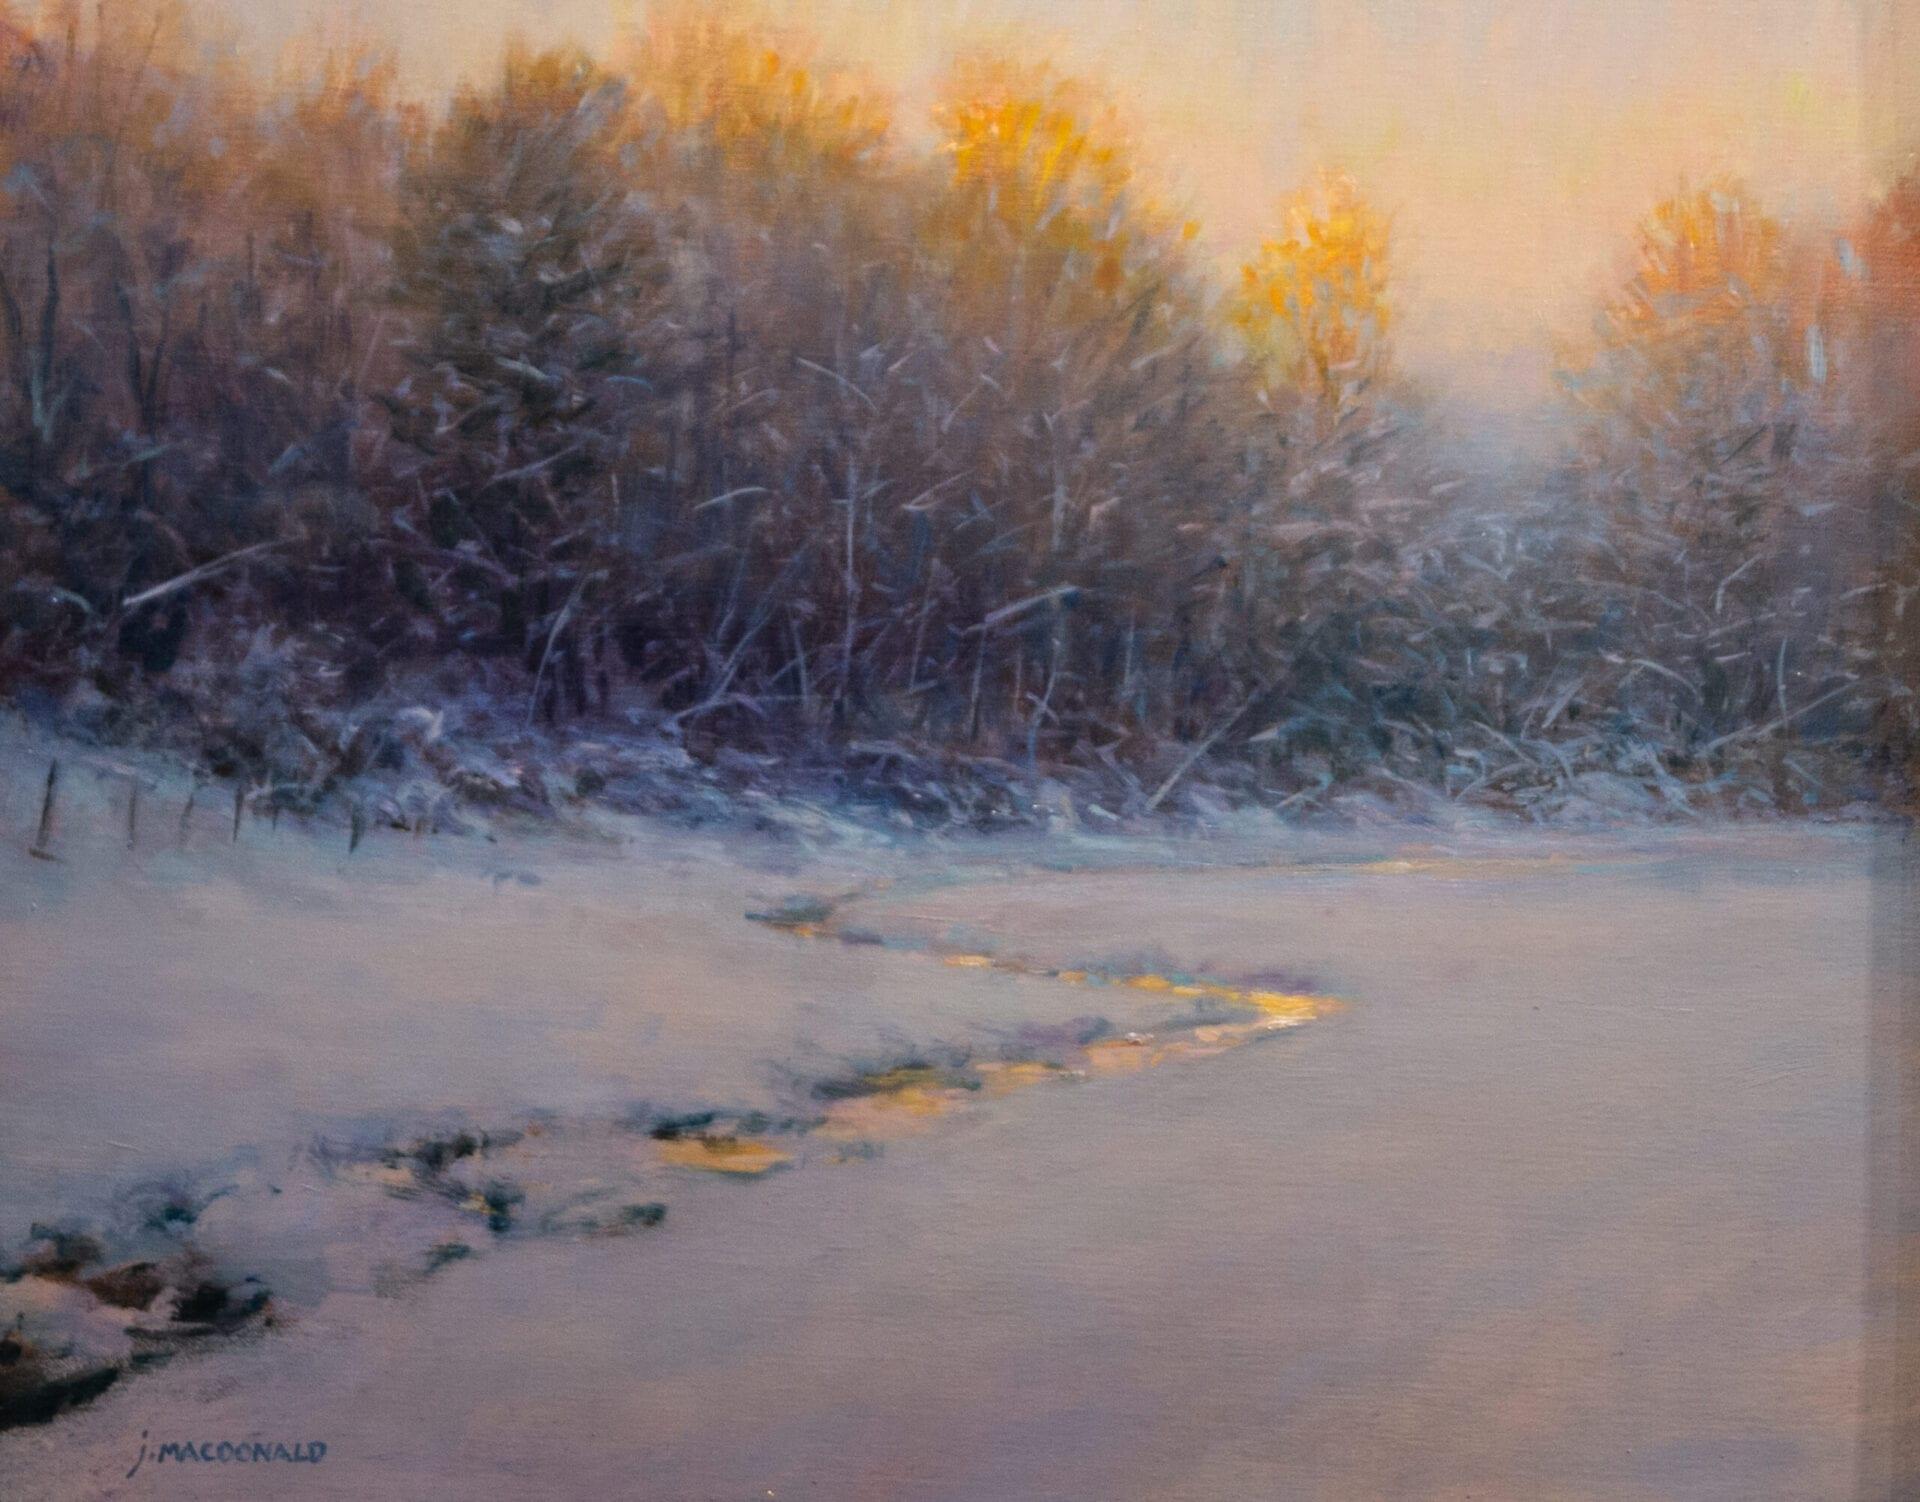 John MacDonald - Deep Winter Dusk